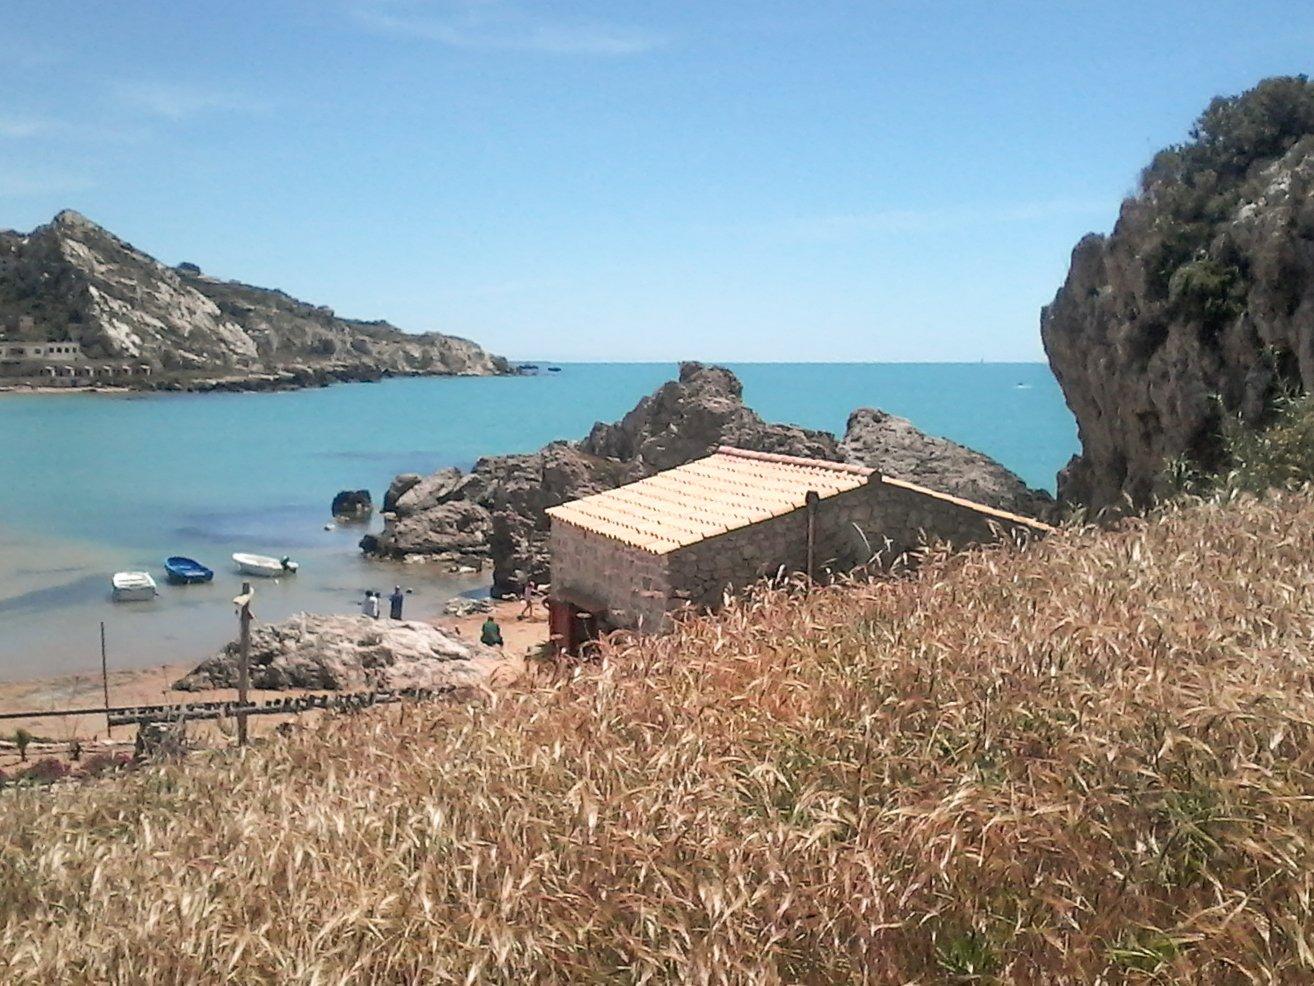 una casa e vista di una spiaggia con gli scogli e delle barche